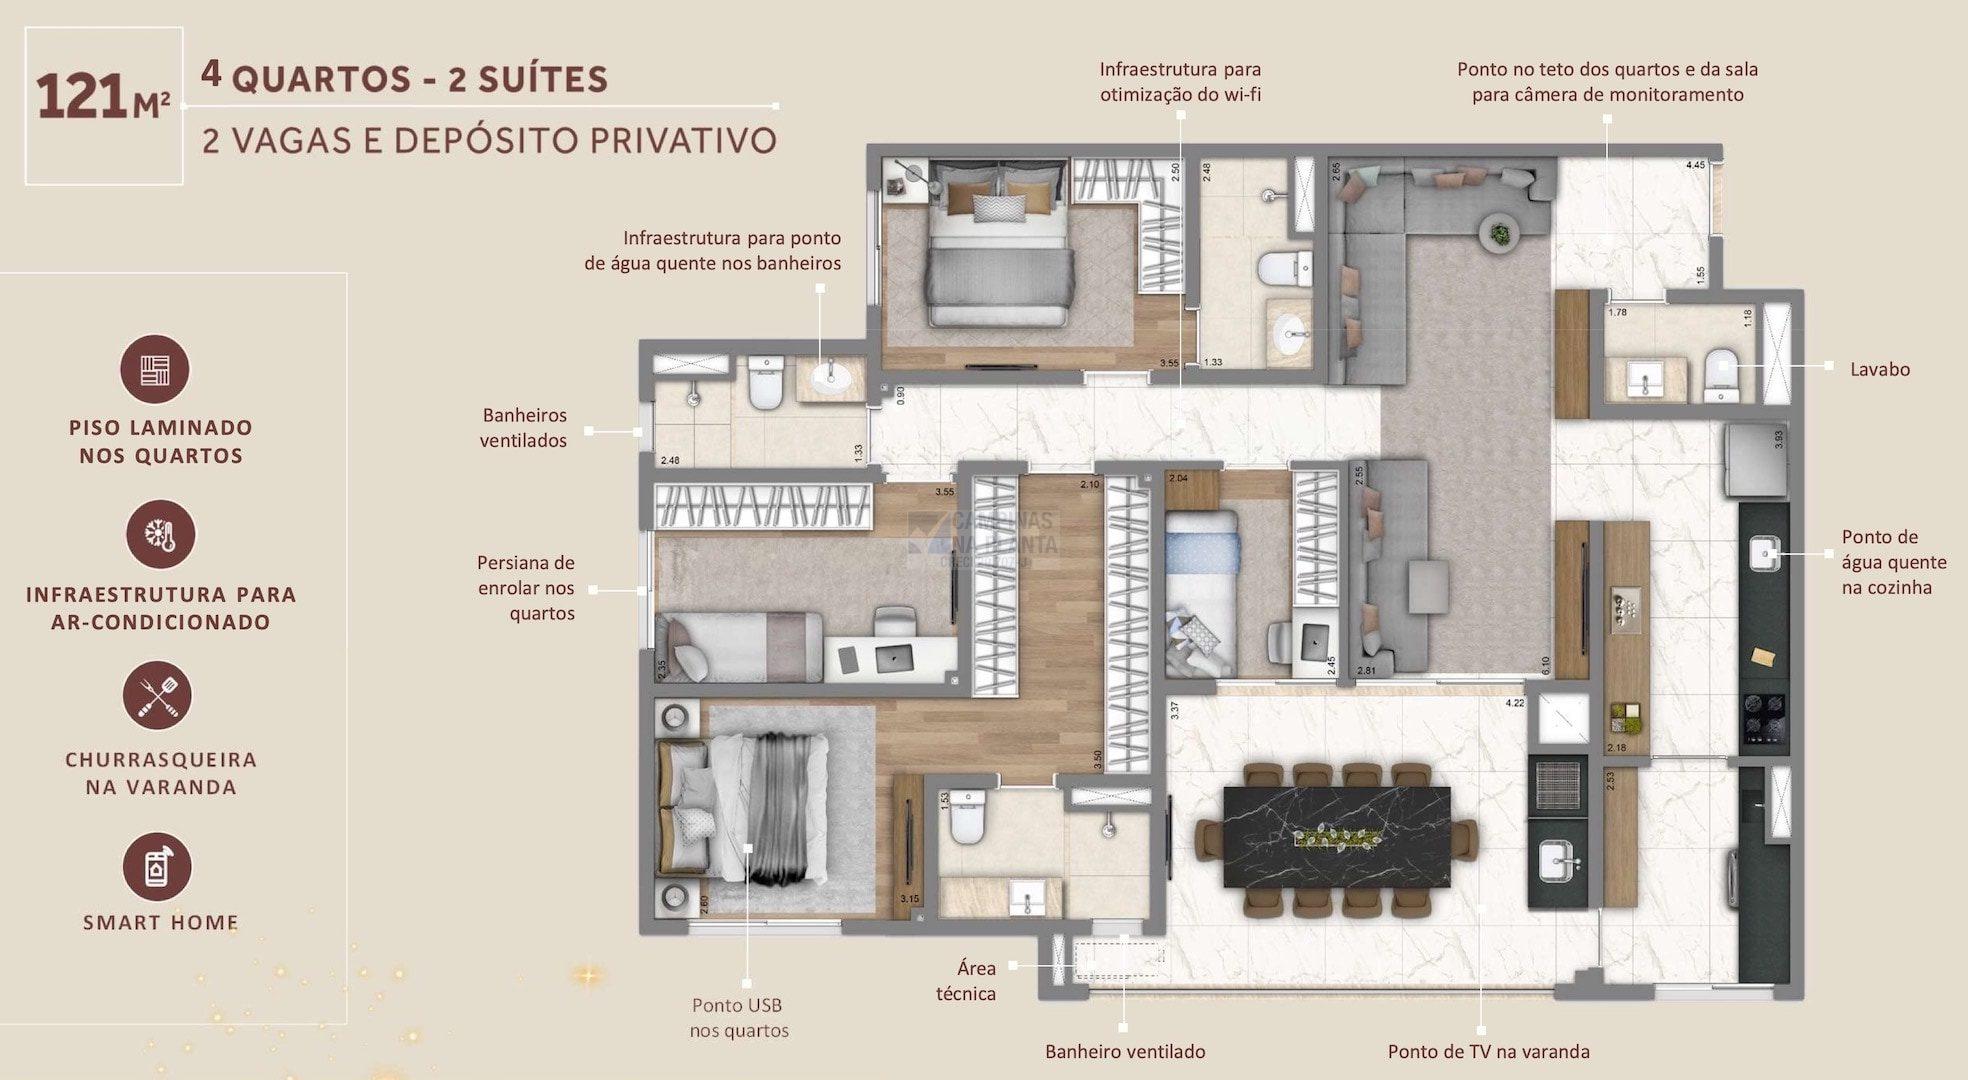 Living Grand Wish Nova Campinas Planta 121 M2 4 Quartos 2 Suites